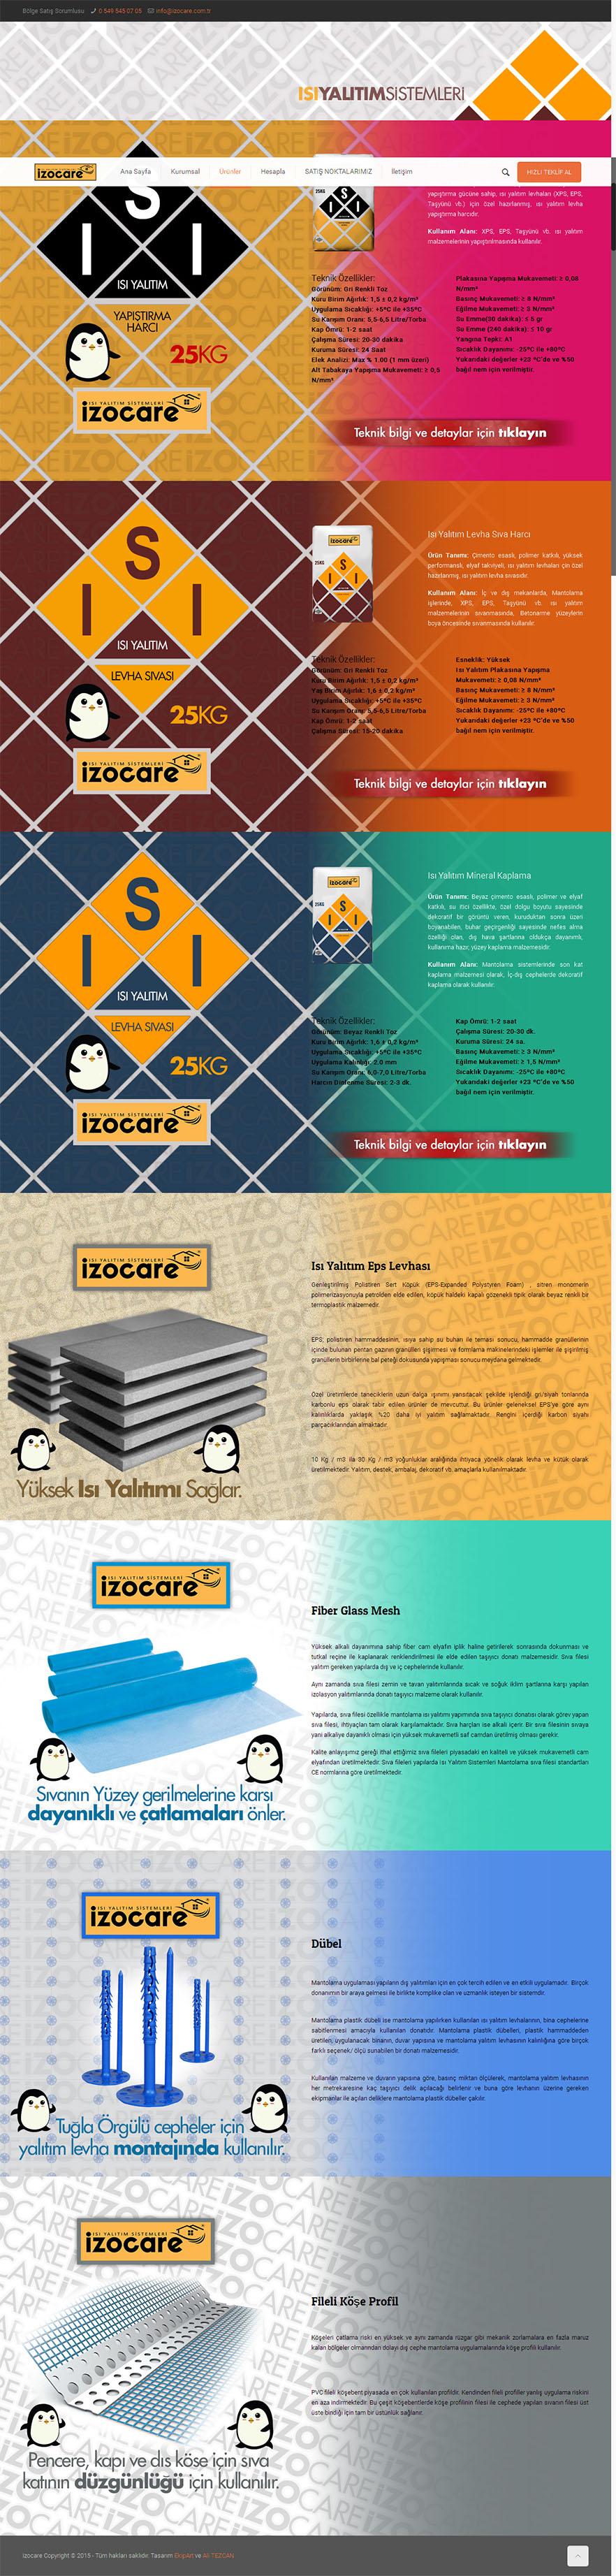 izocare-3